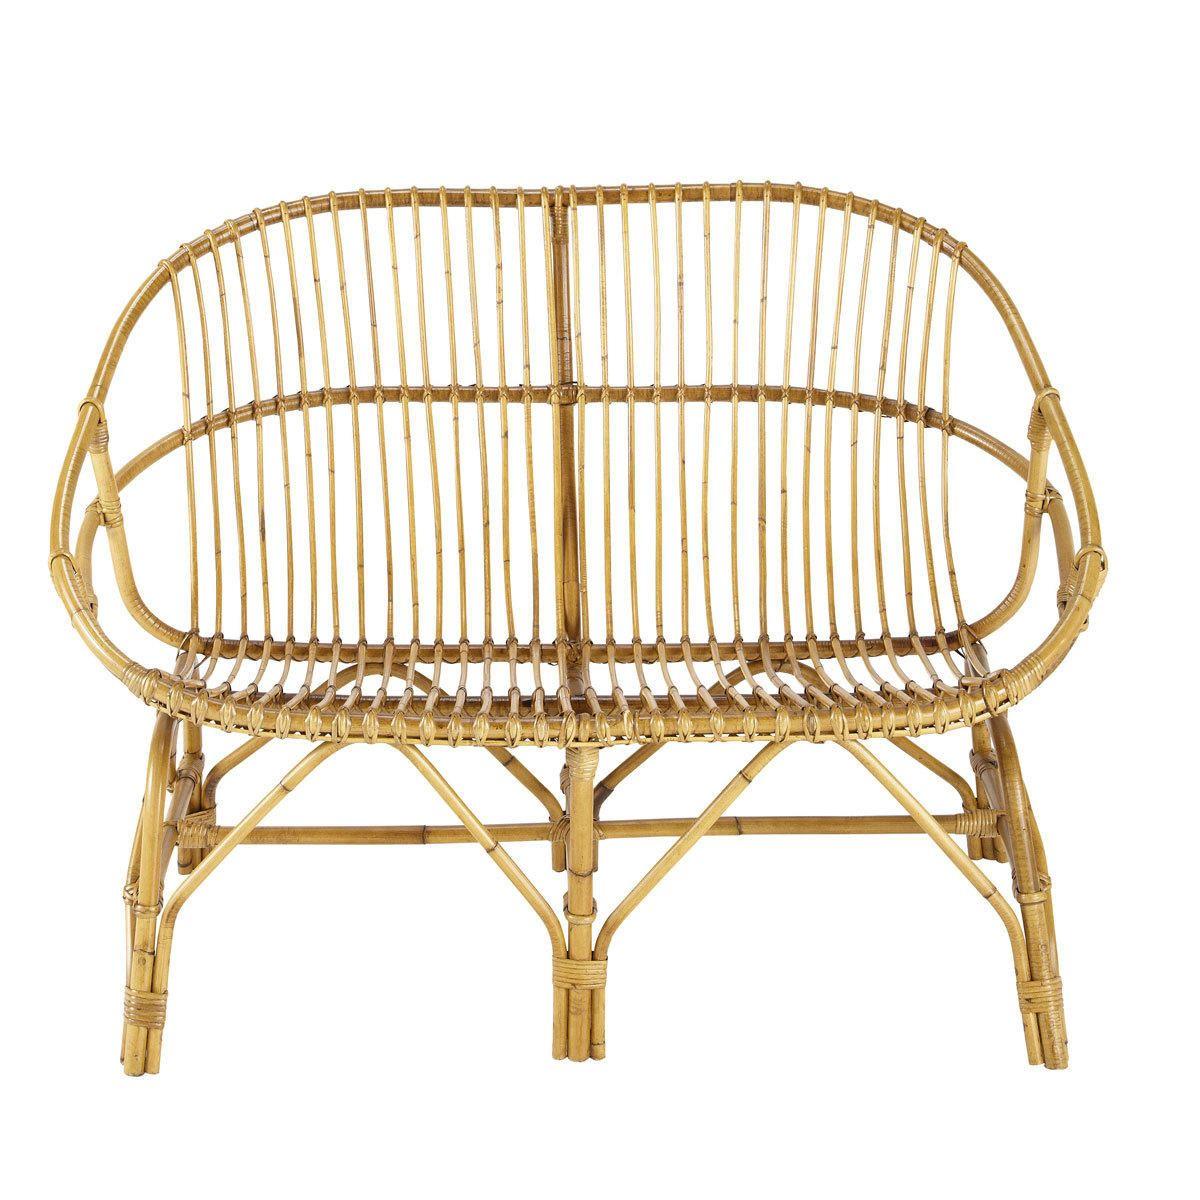 Vintage Sitzbank 2 Sitzer Rattan Pétunia